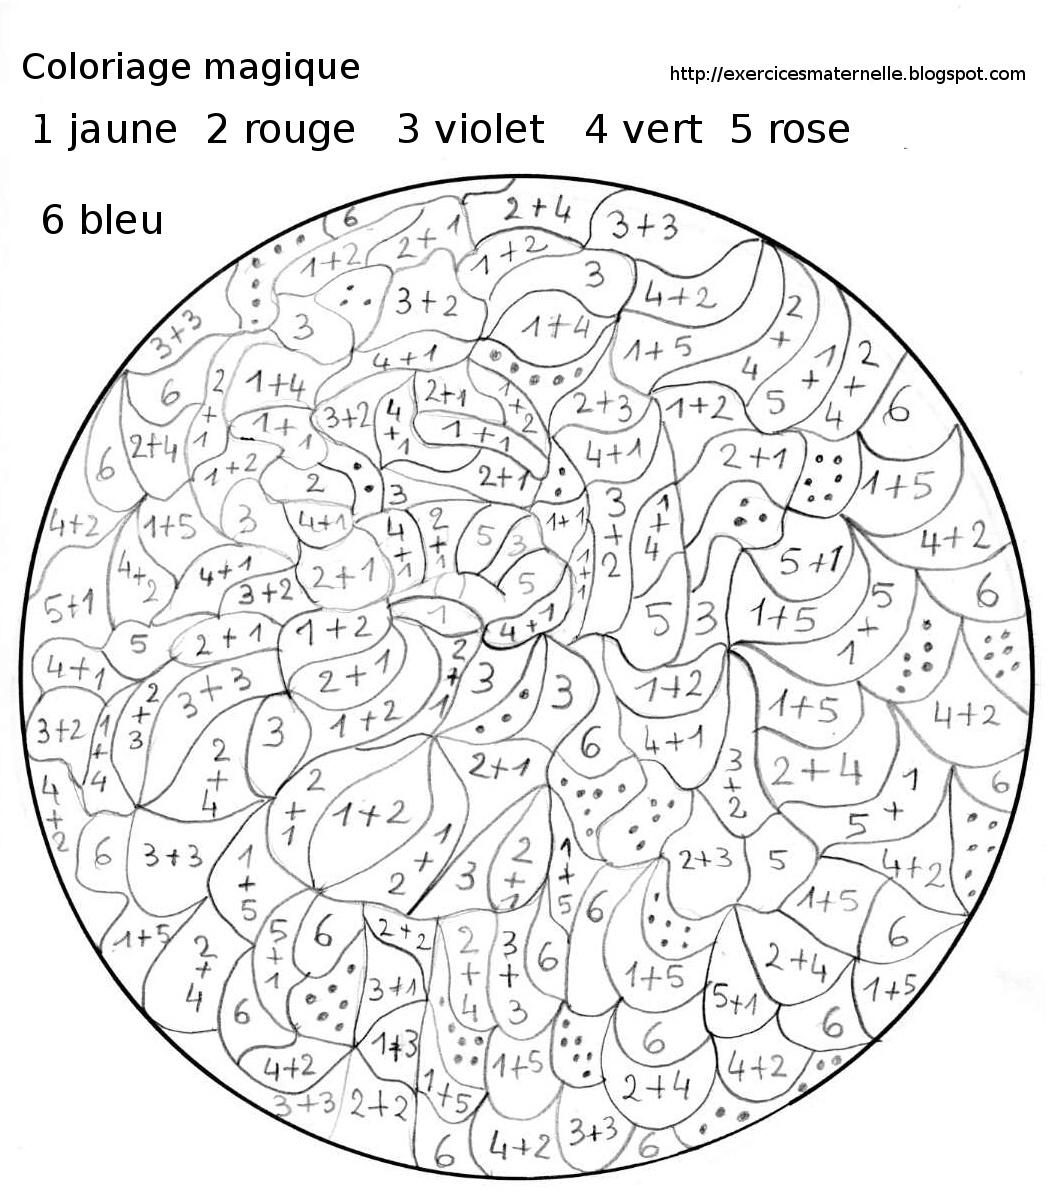 Coloriage Magique - Les Beaux Dessins De Autres À Imprimer destiné Coloriage Magique Dur